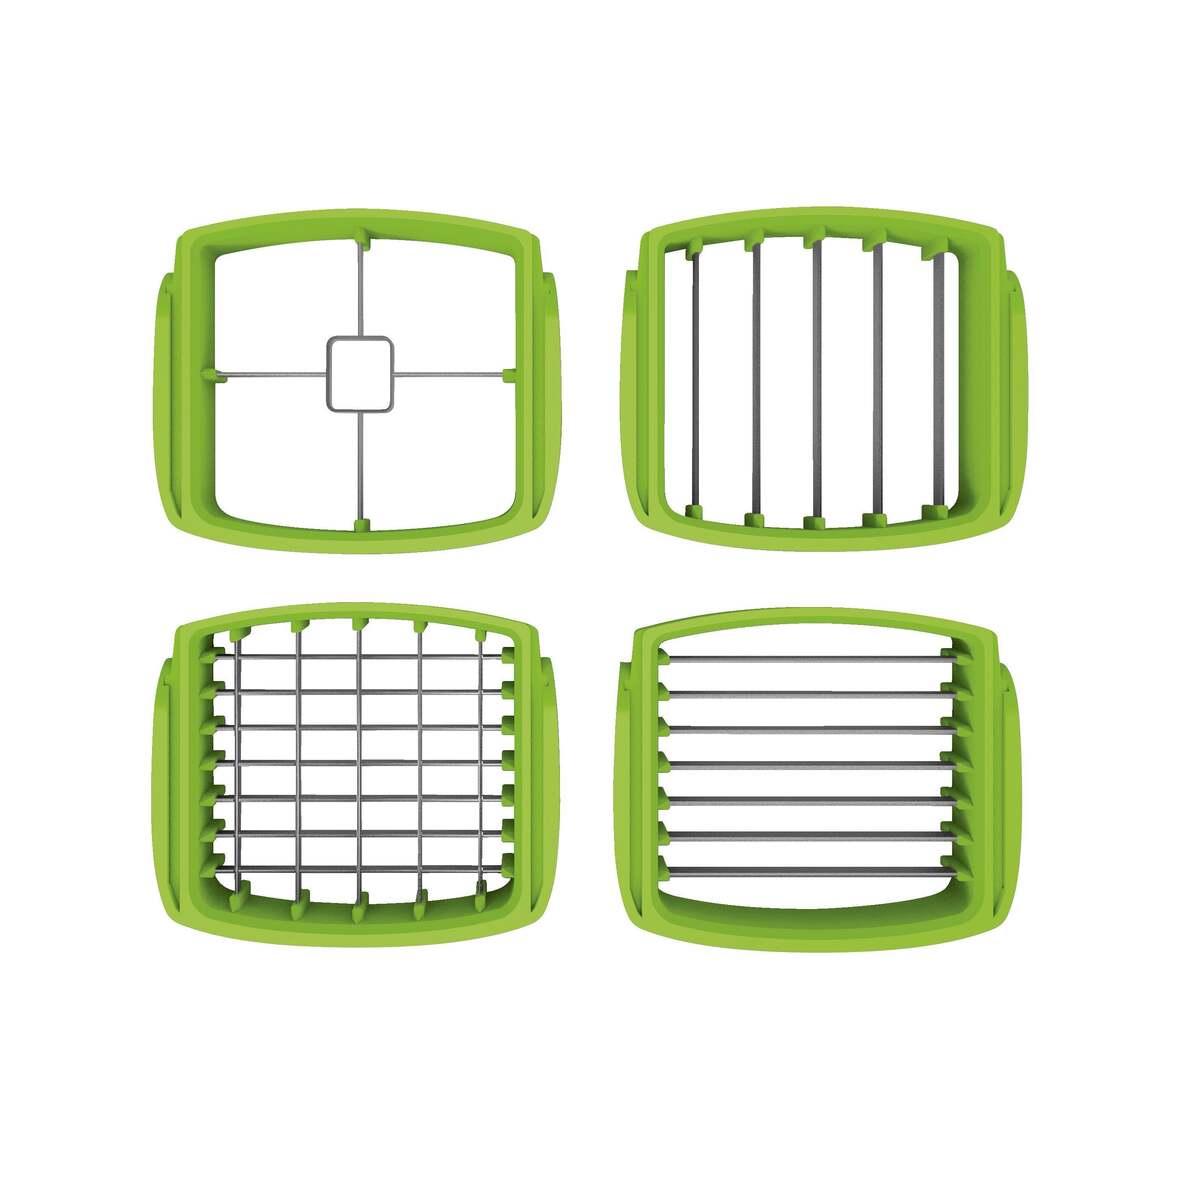 Bild 3 von GOURMETmaxx 5in1 Compact Chop ´N Slice Küchenhelfer 7-tlg.